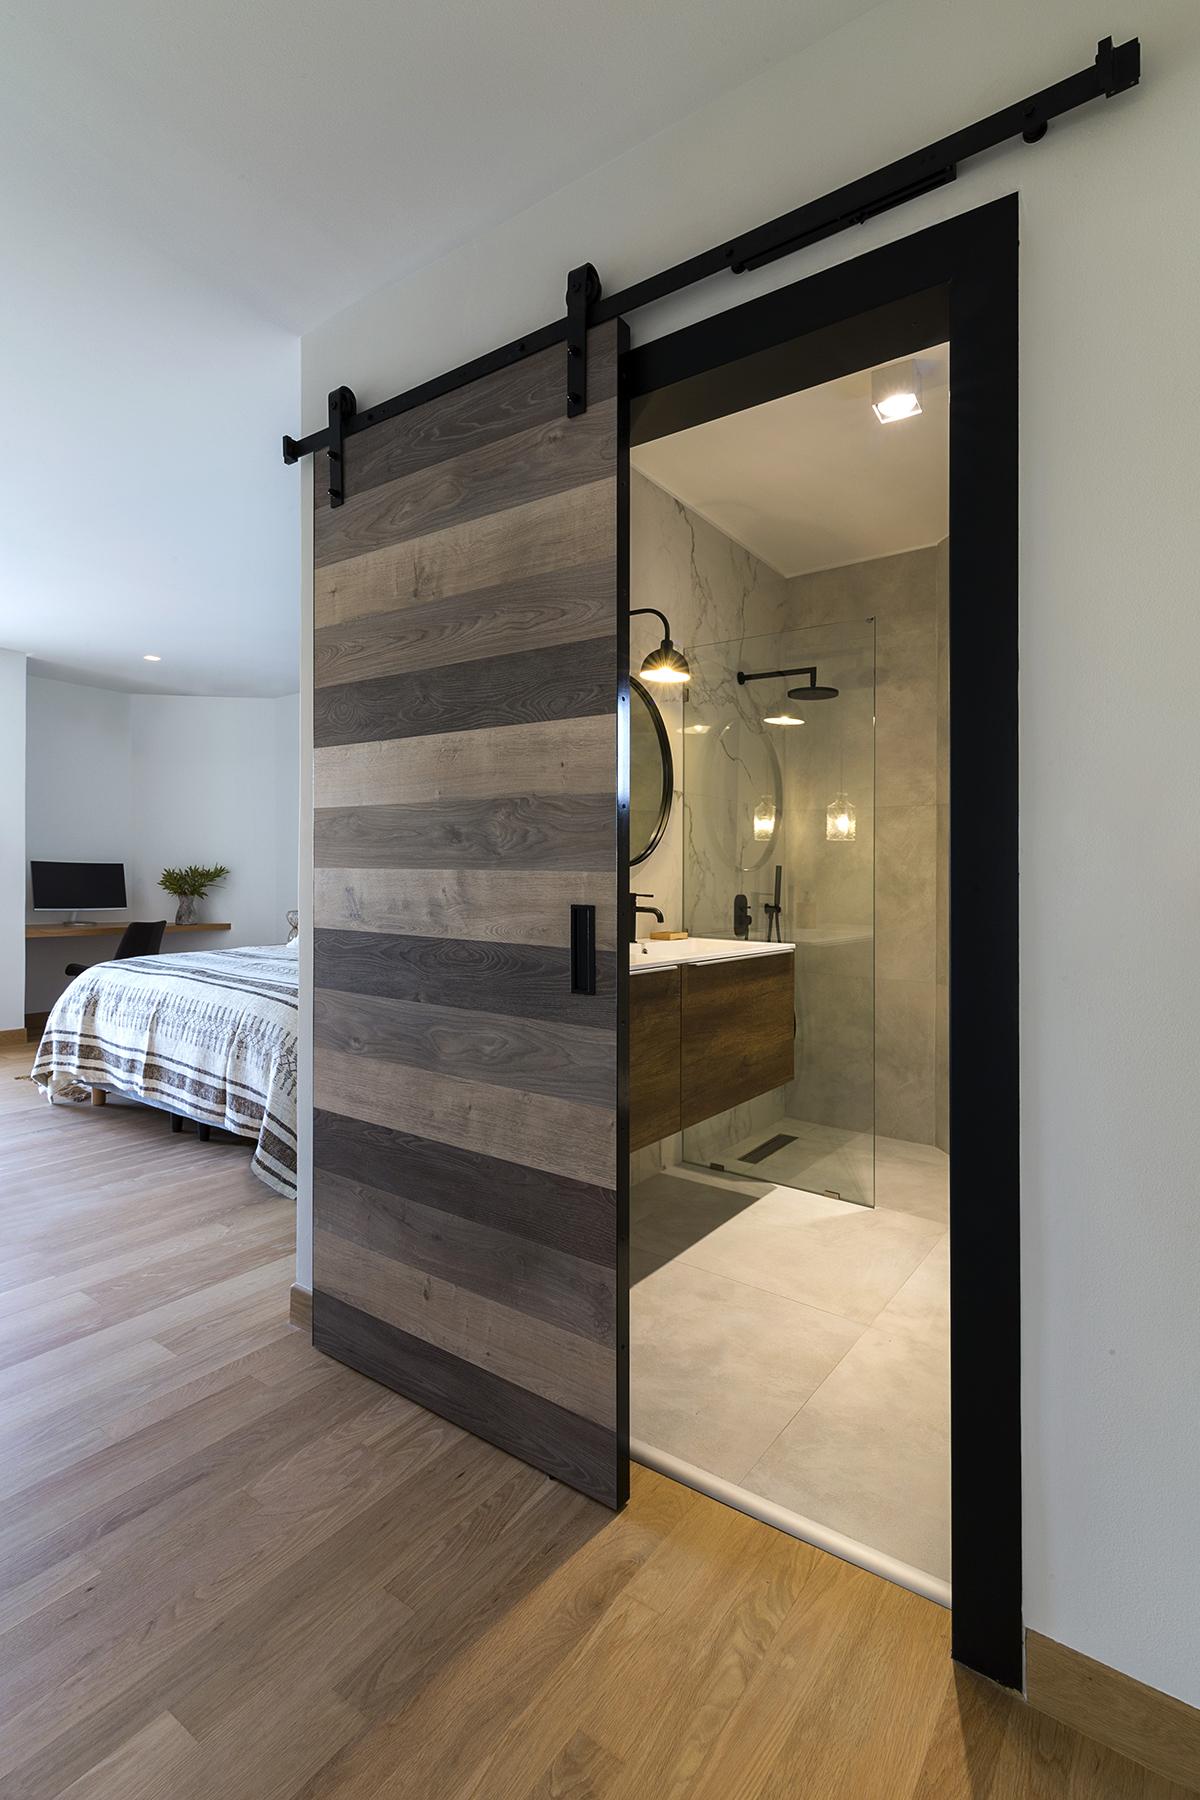 Μάστερ υπνοδωμάτιο & λουτρό